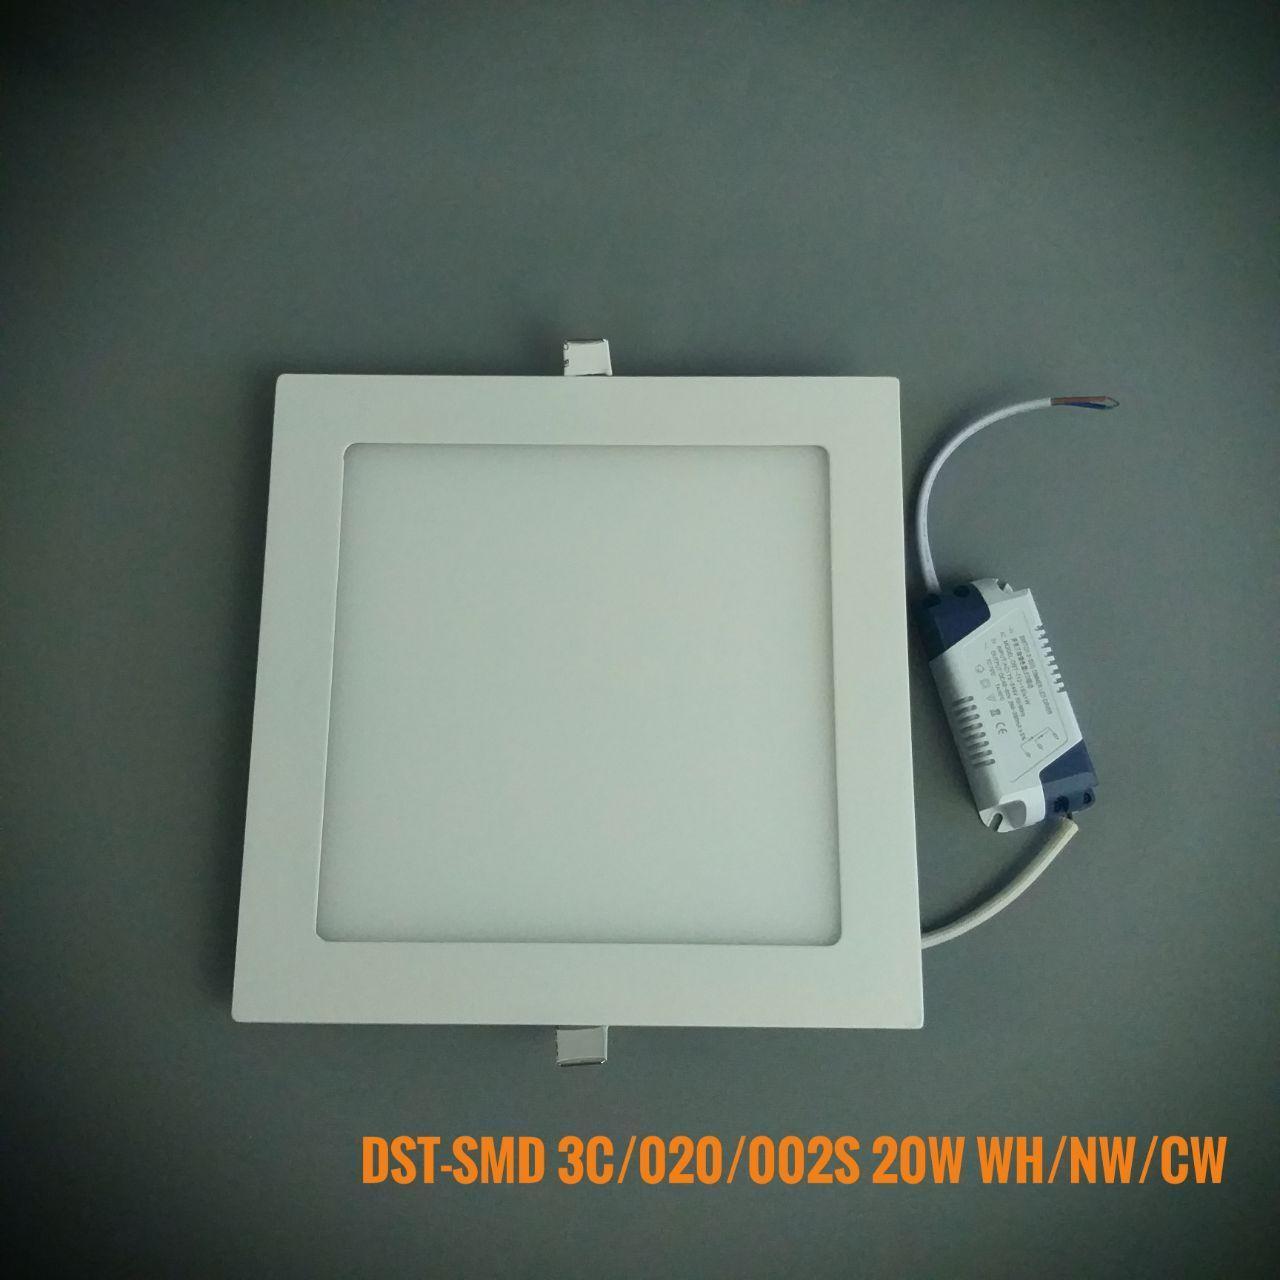 Светодиодная панель квадрат врезной DST-SMD3C/020/002S WW/NW/CW 20W